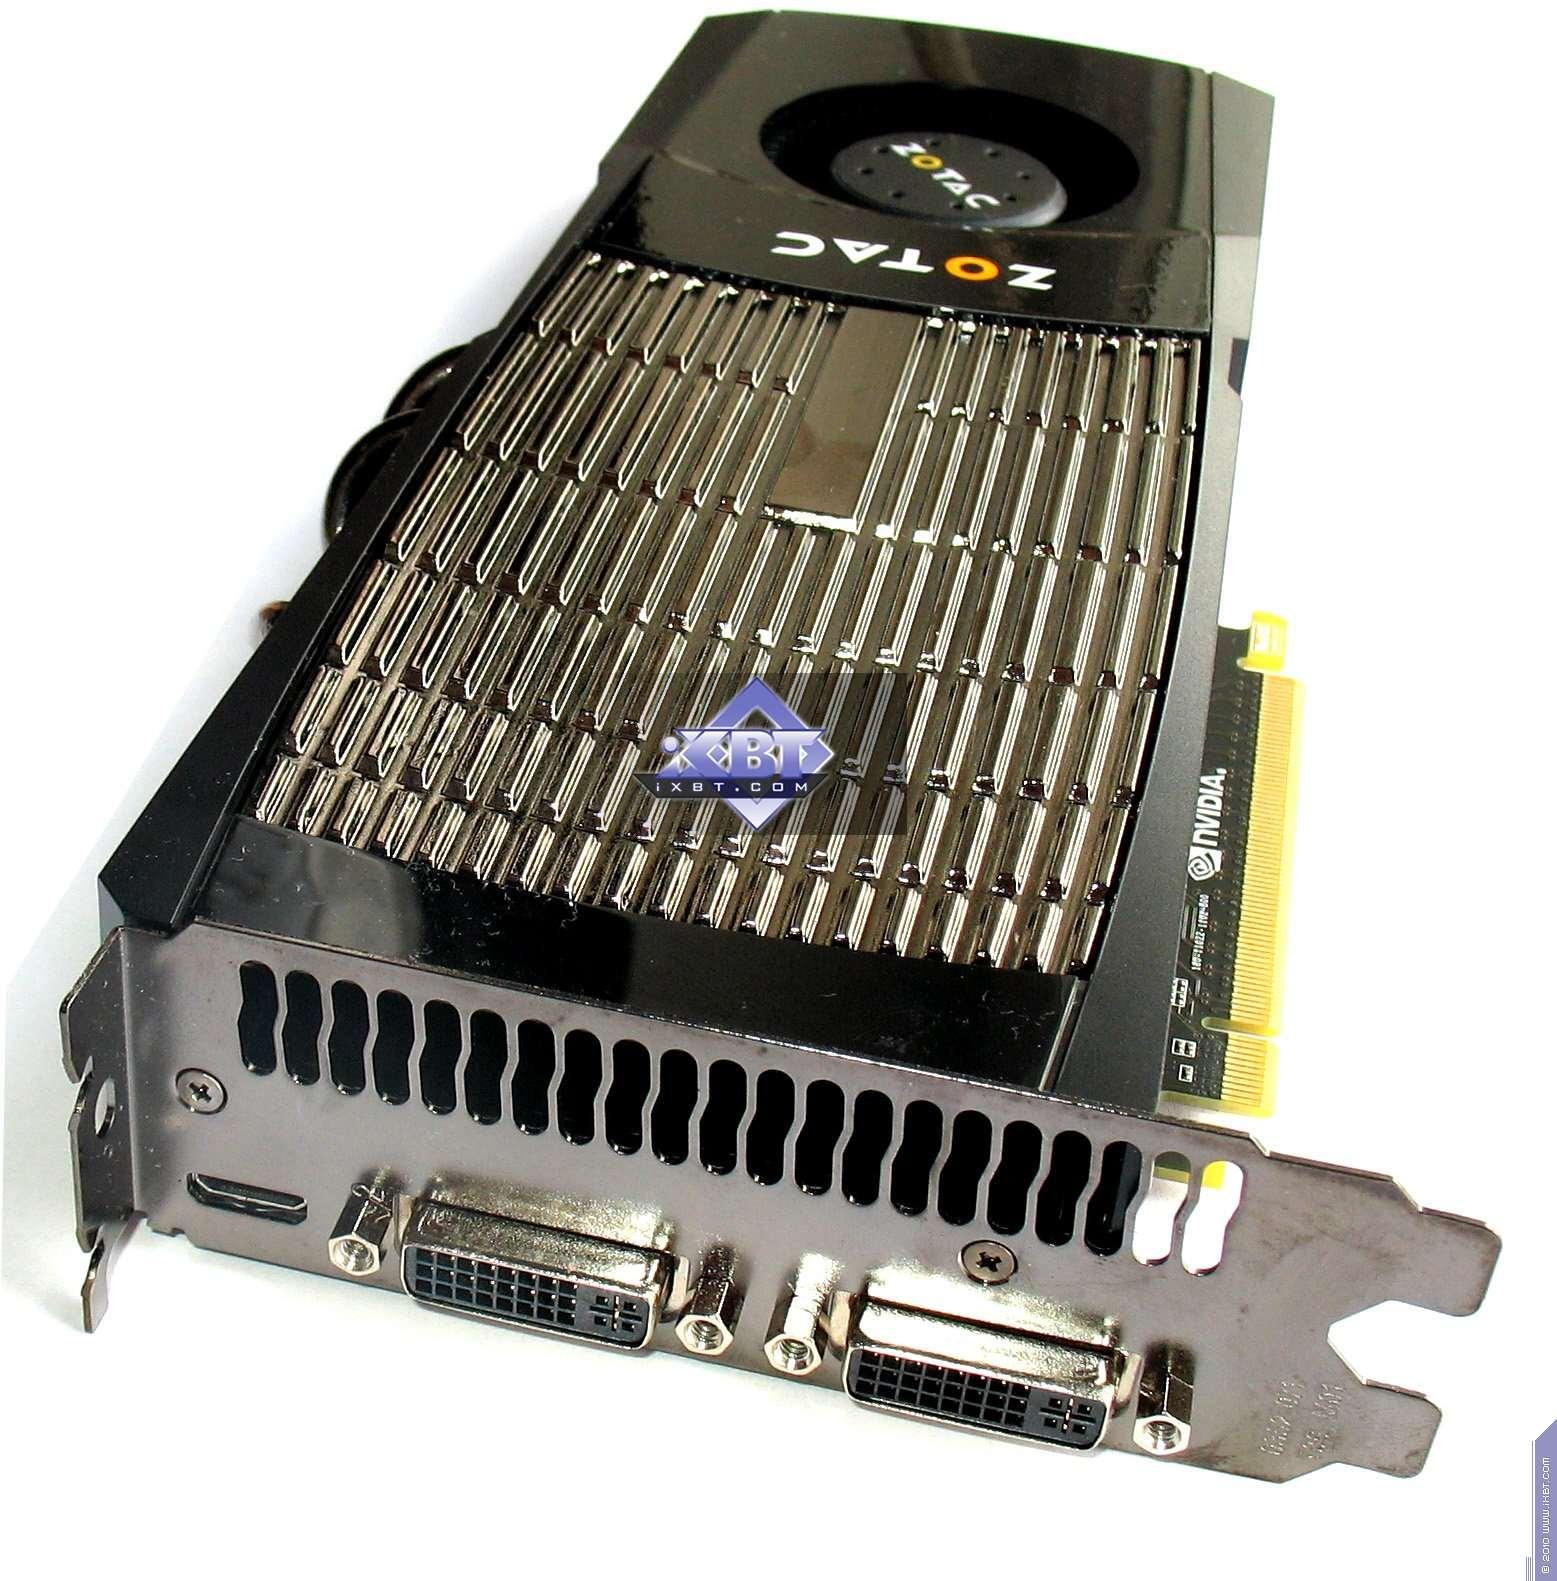 инструкция по установке nvidia geforce gtx480